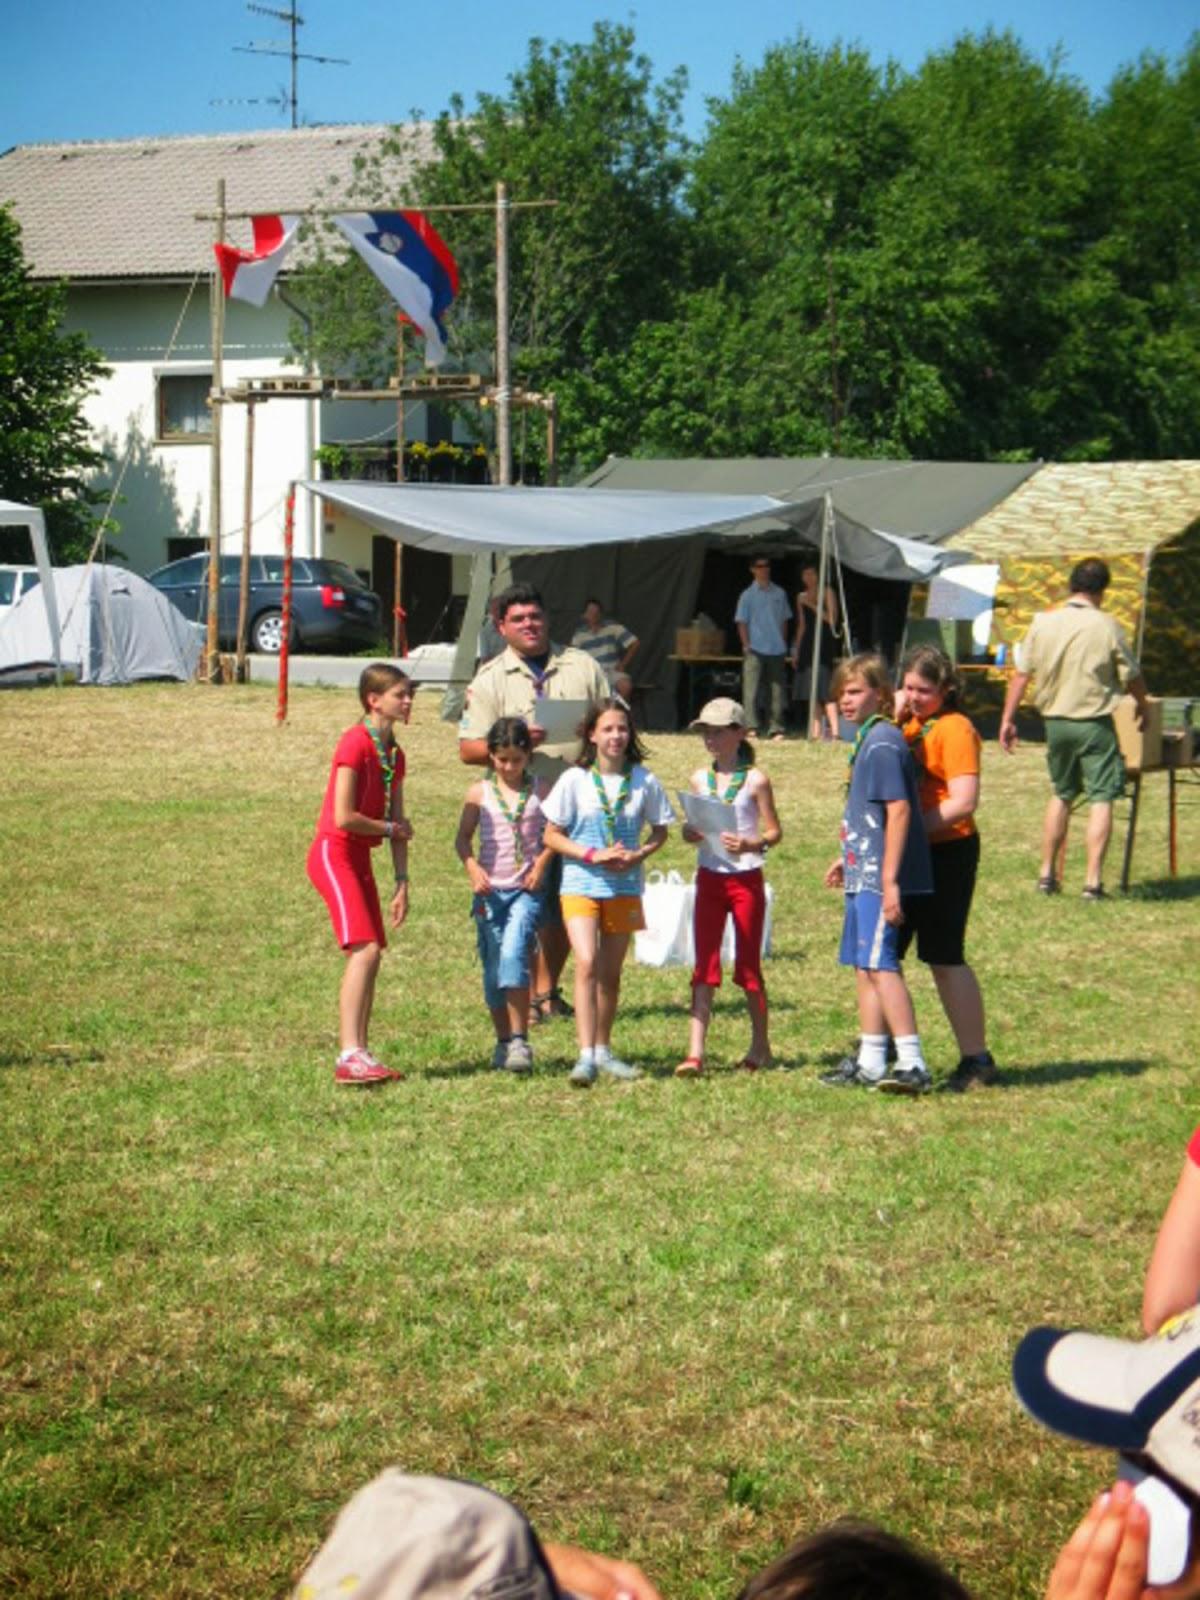 Mnogoboj, Slovenska Bistrica - Mnogoboj%2B2005%2B067.jpg